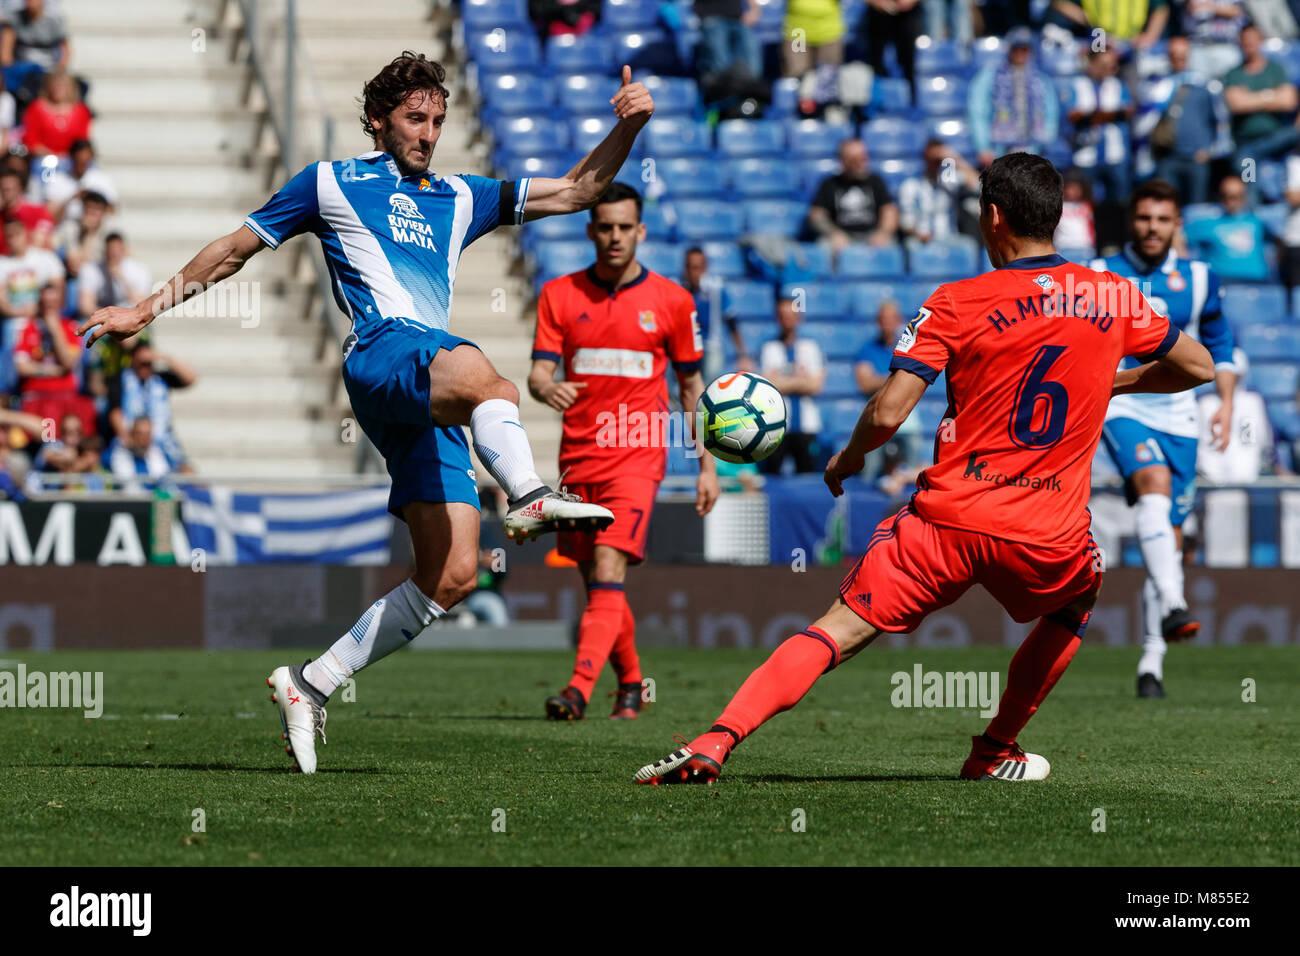 BARCELONA, SPAIN - MARCH 11:  Esteban Granero, #23 of RCD Espanyol in action with Hector Moreno, #6 of Real Sociedad - Stock Image